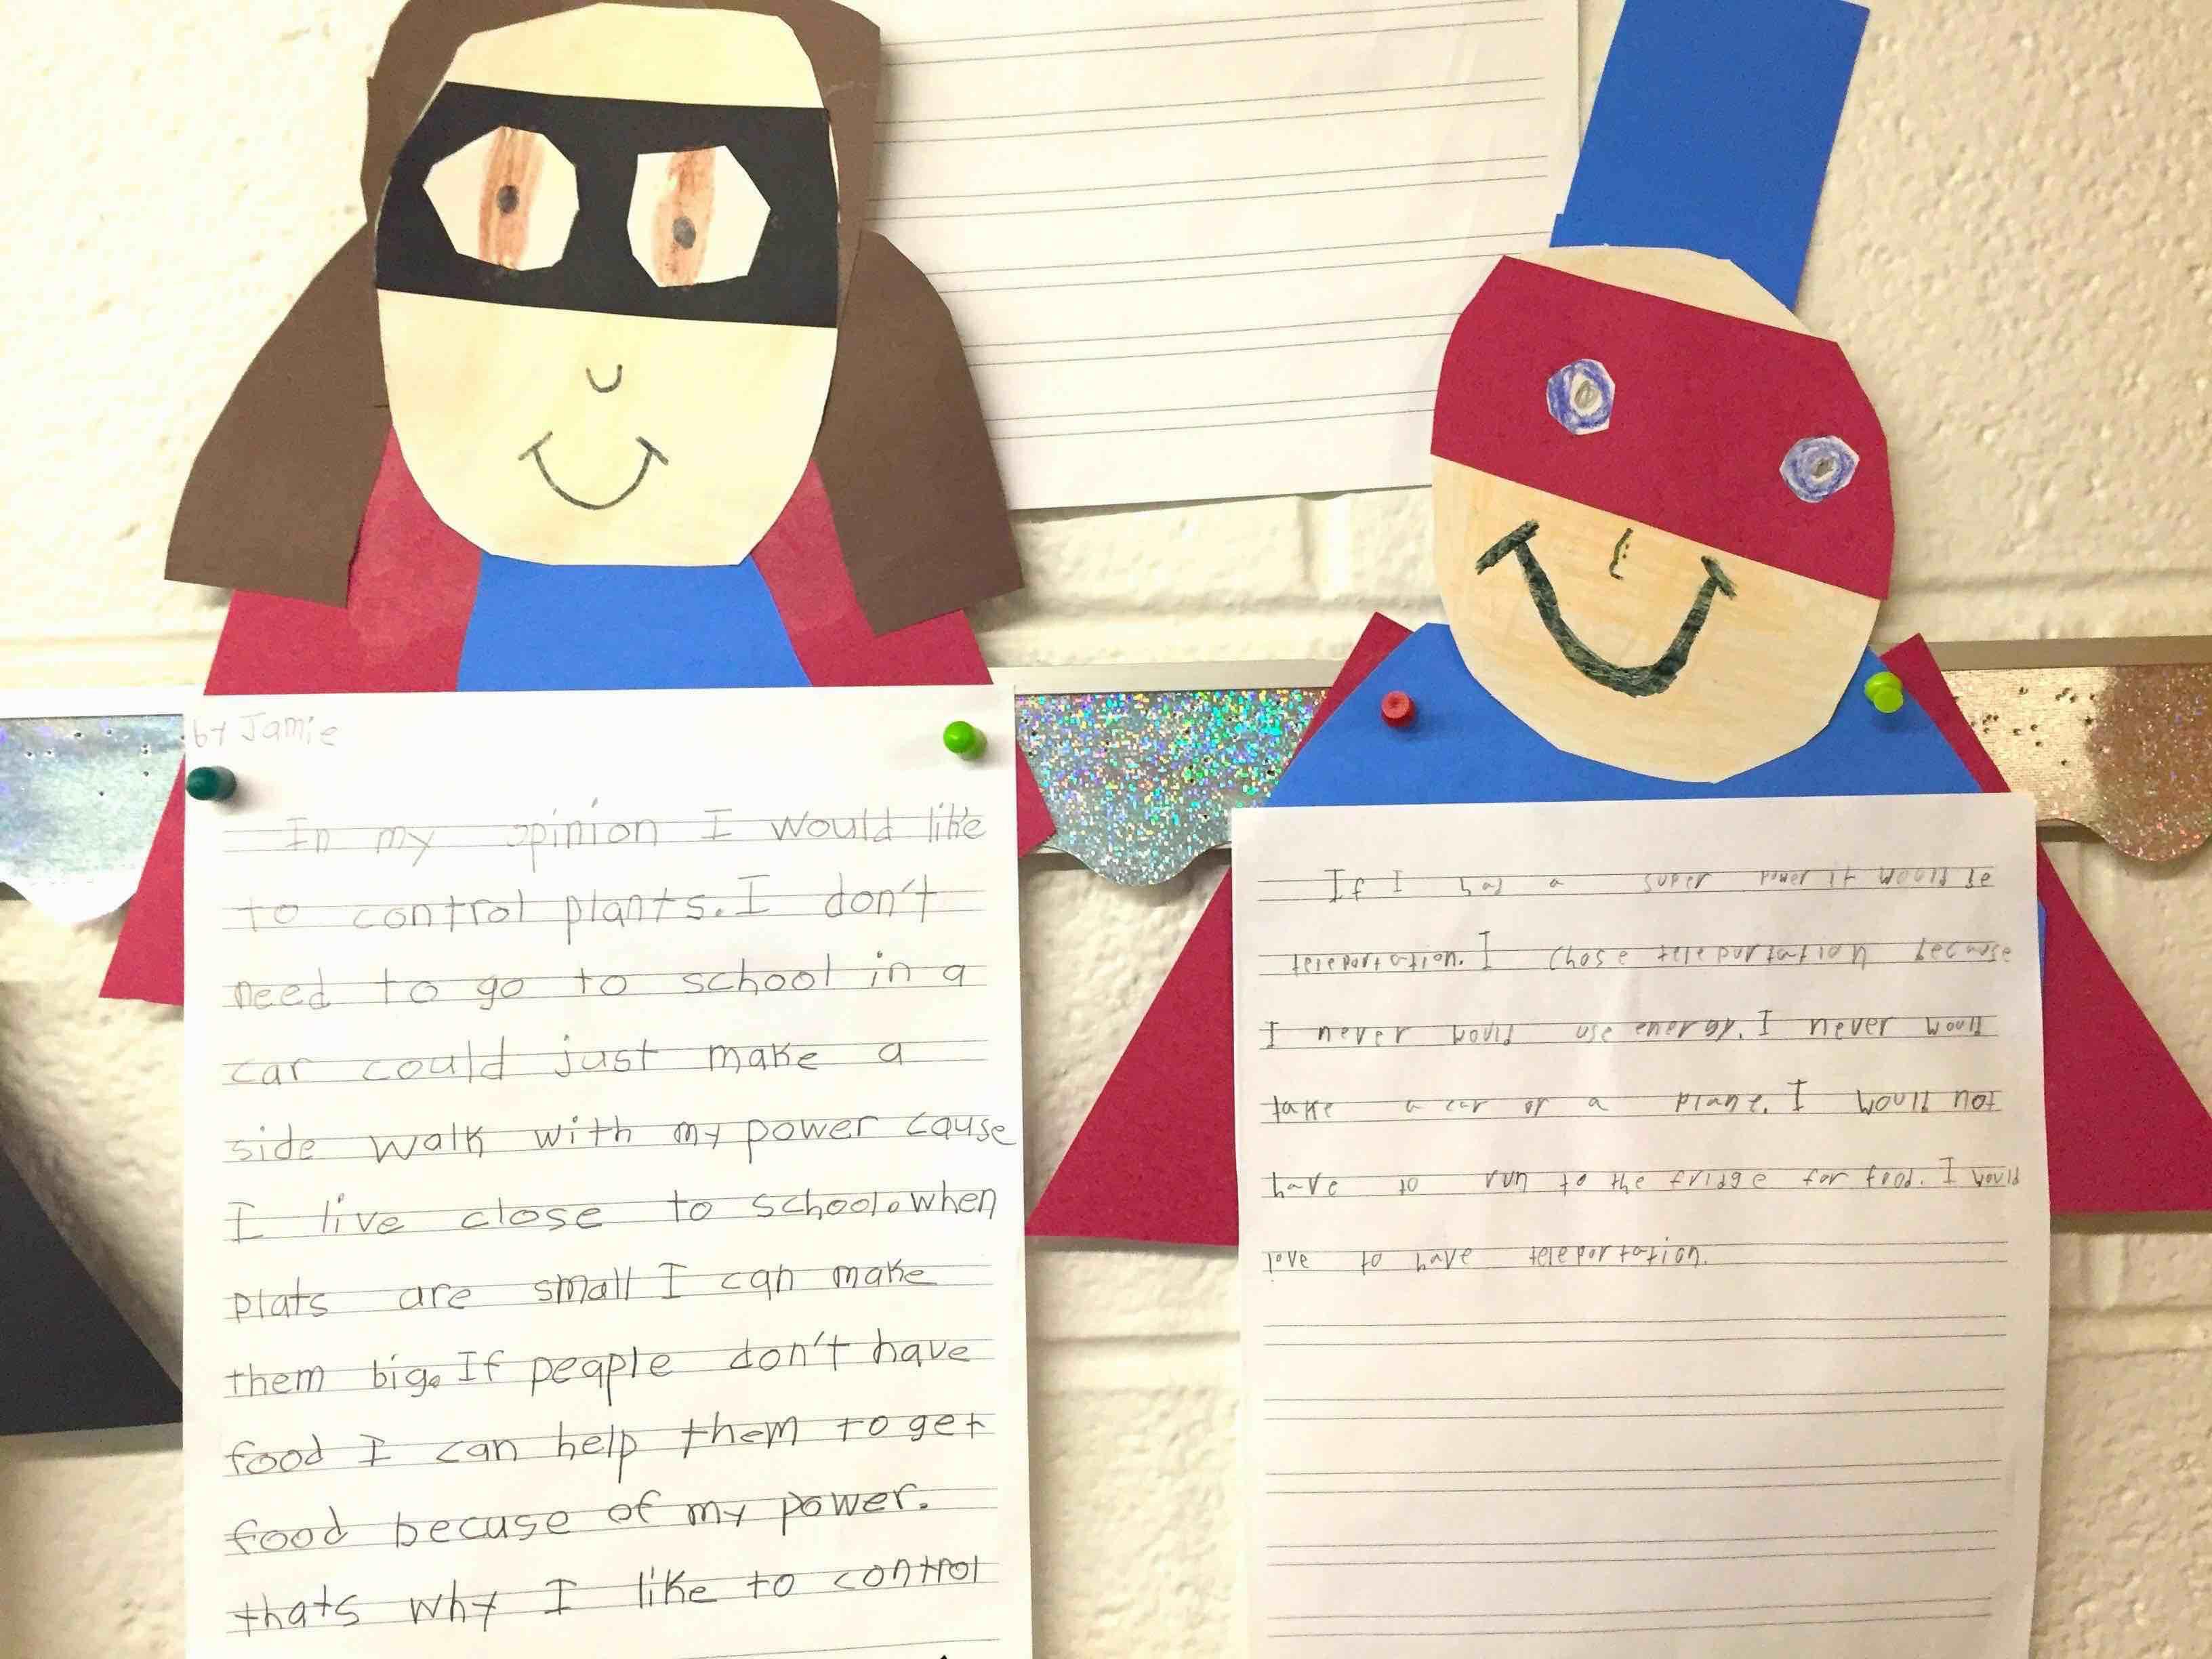 If I Were A Superhero Essay For Class 6